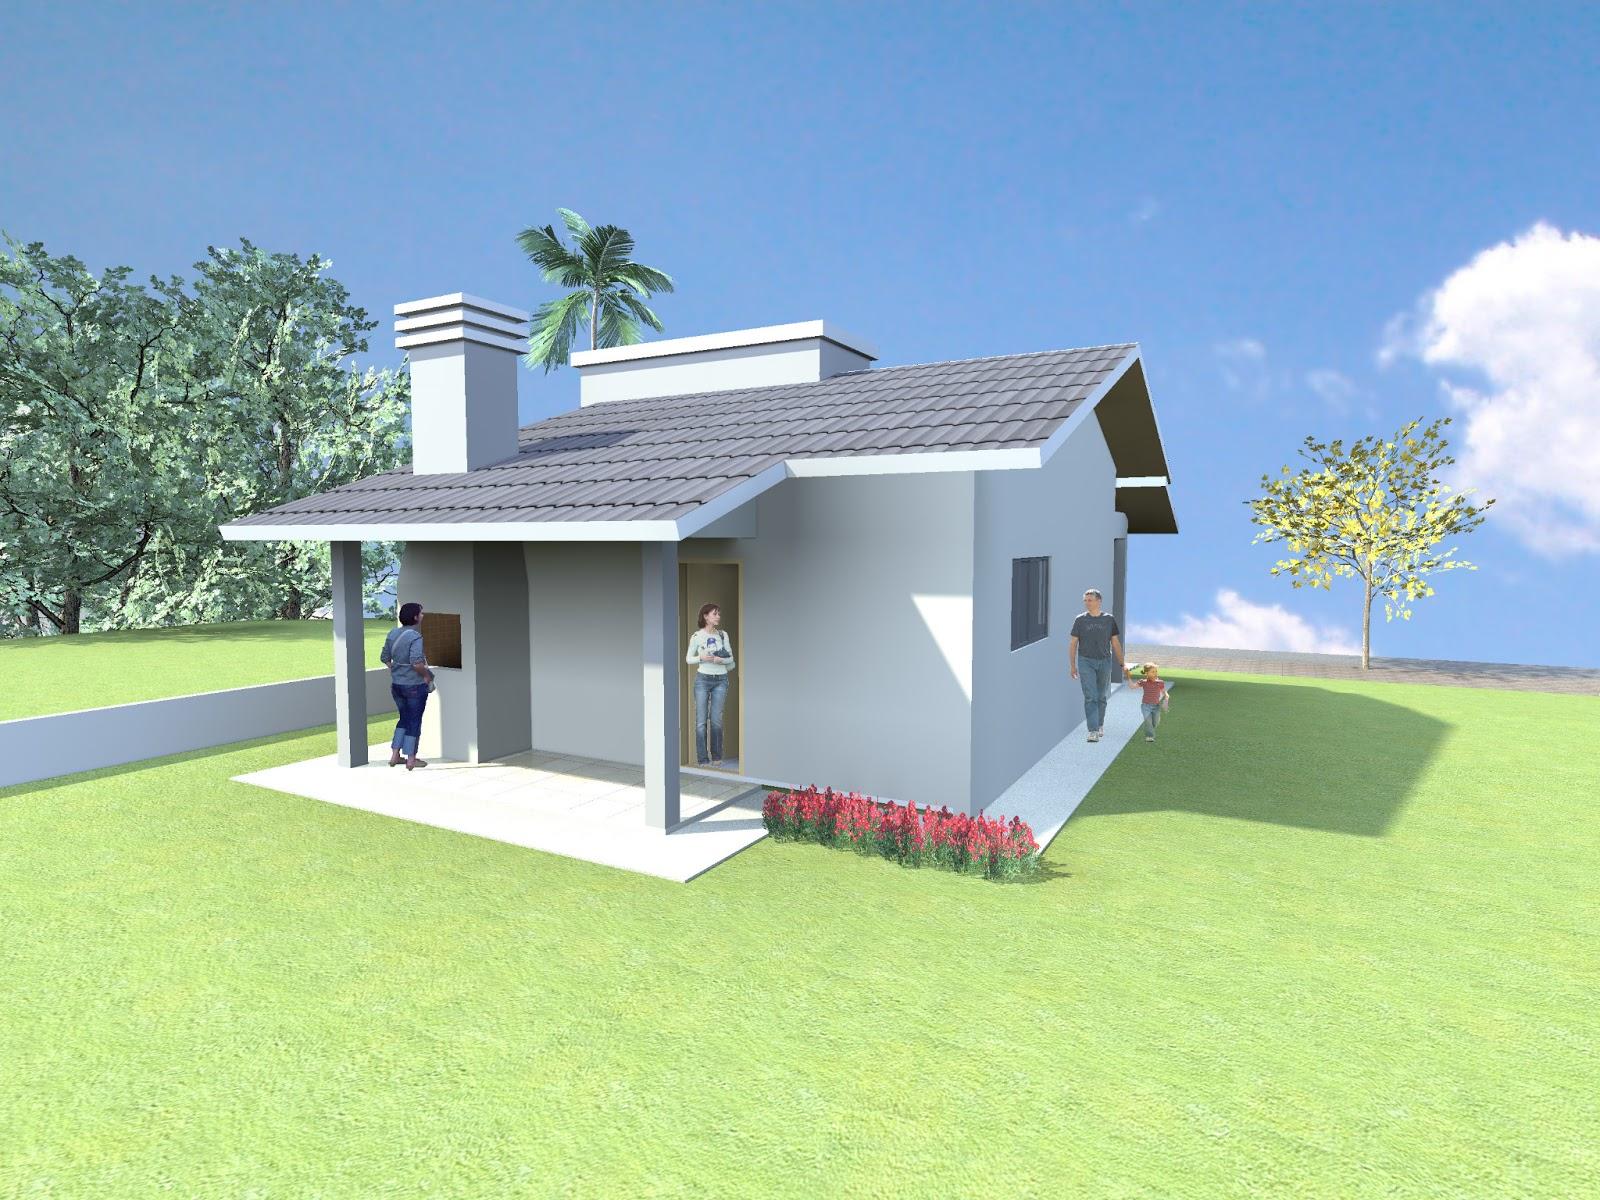 cozinha área de serviço e varanda. O projeto prevê ampliação de #79A824 1600 1200